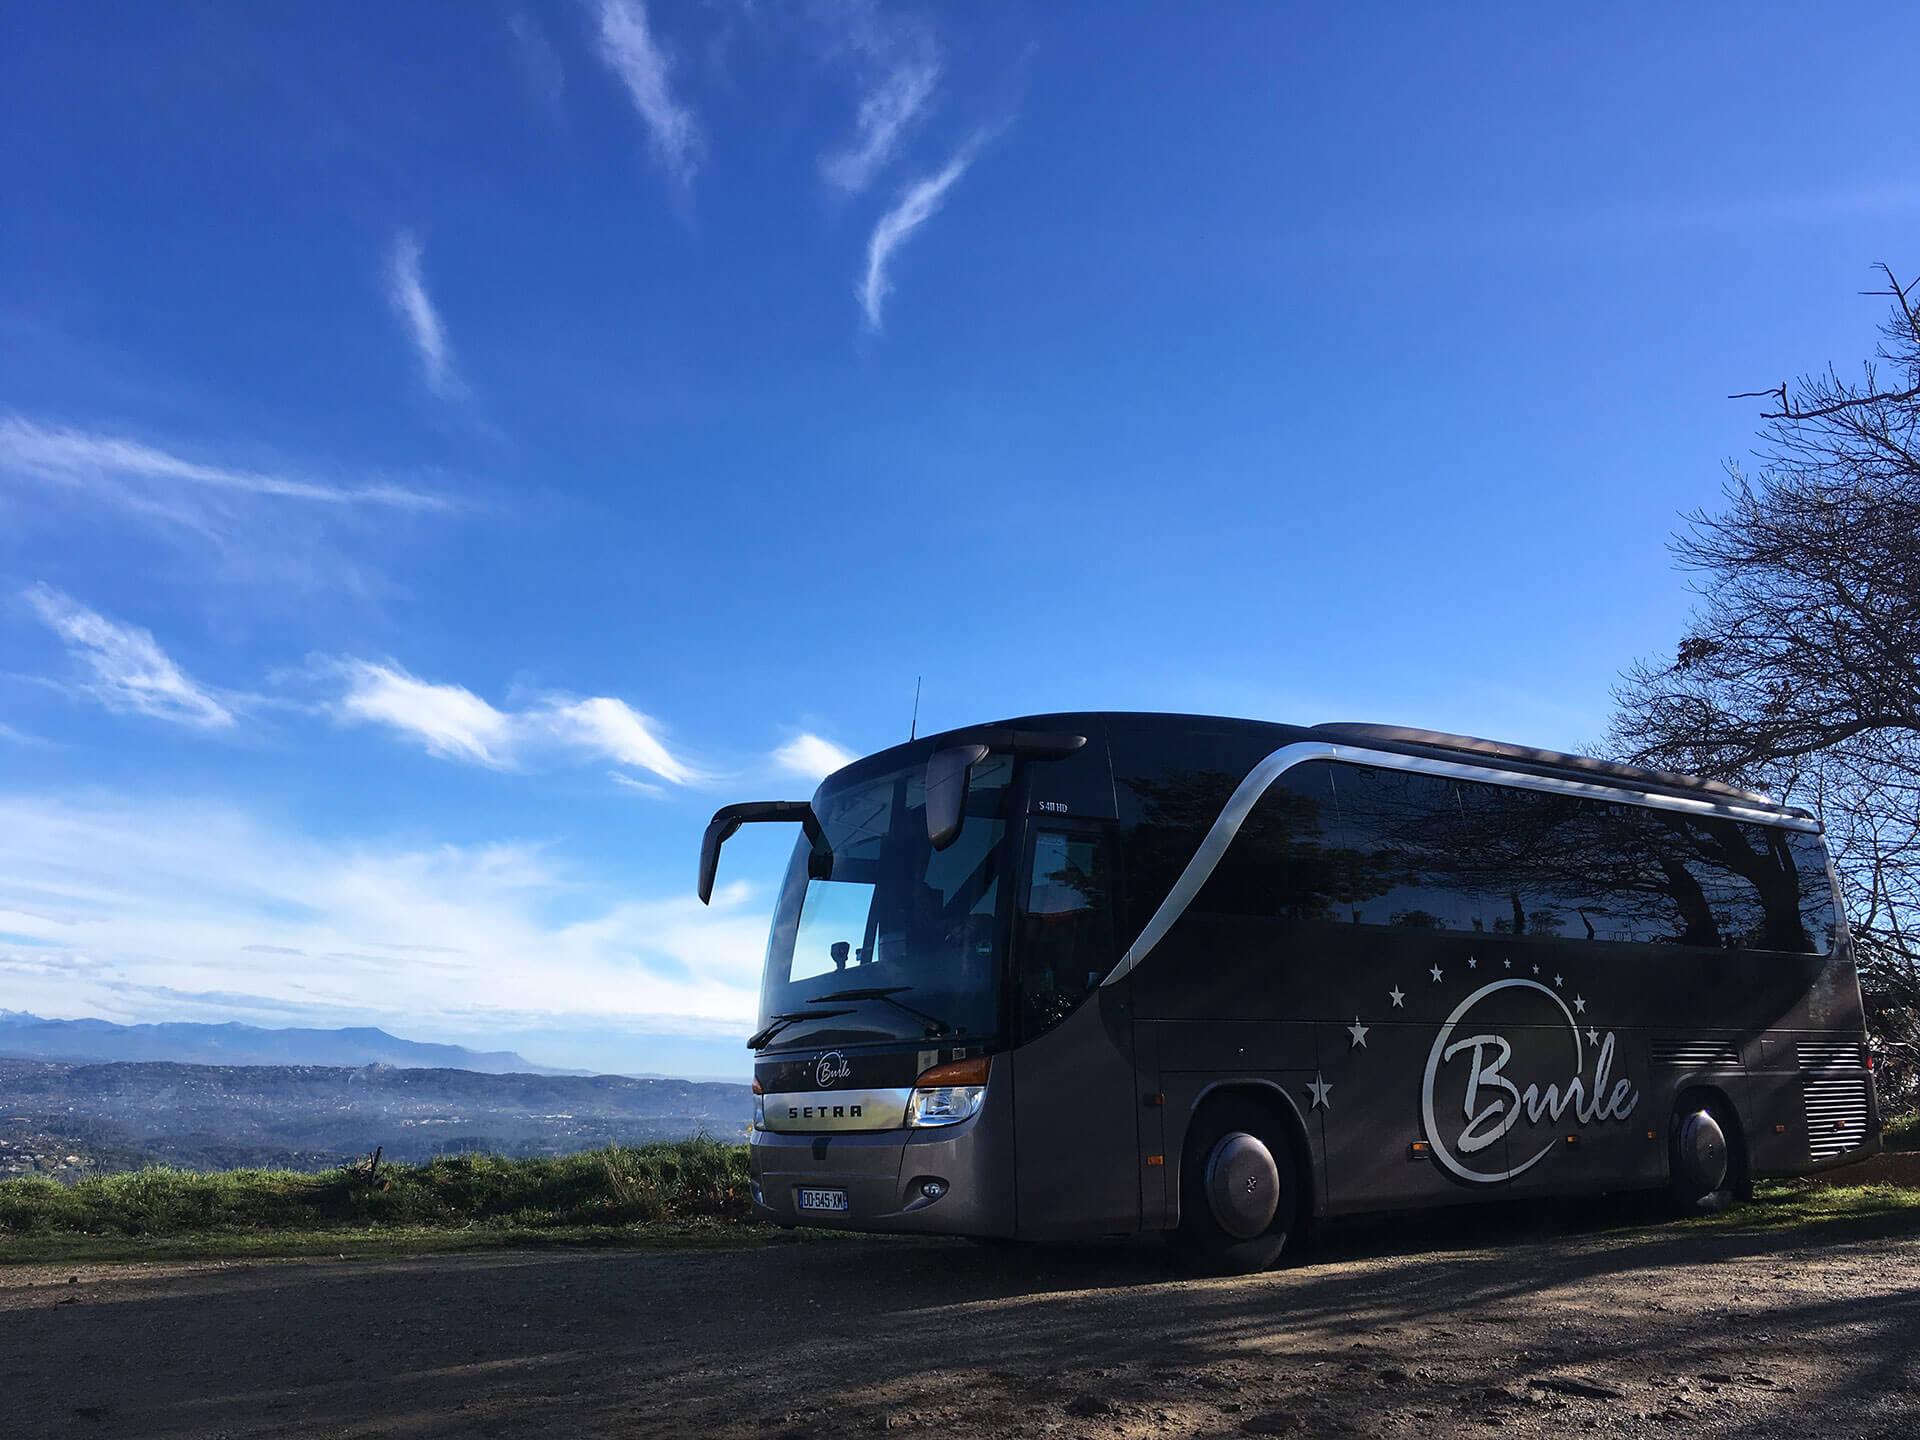 tourisme voyage autocars Aix-en-Provence Autocars BURLE